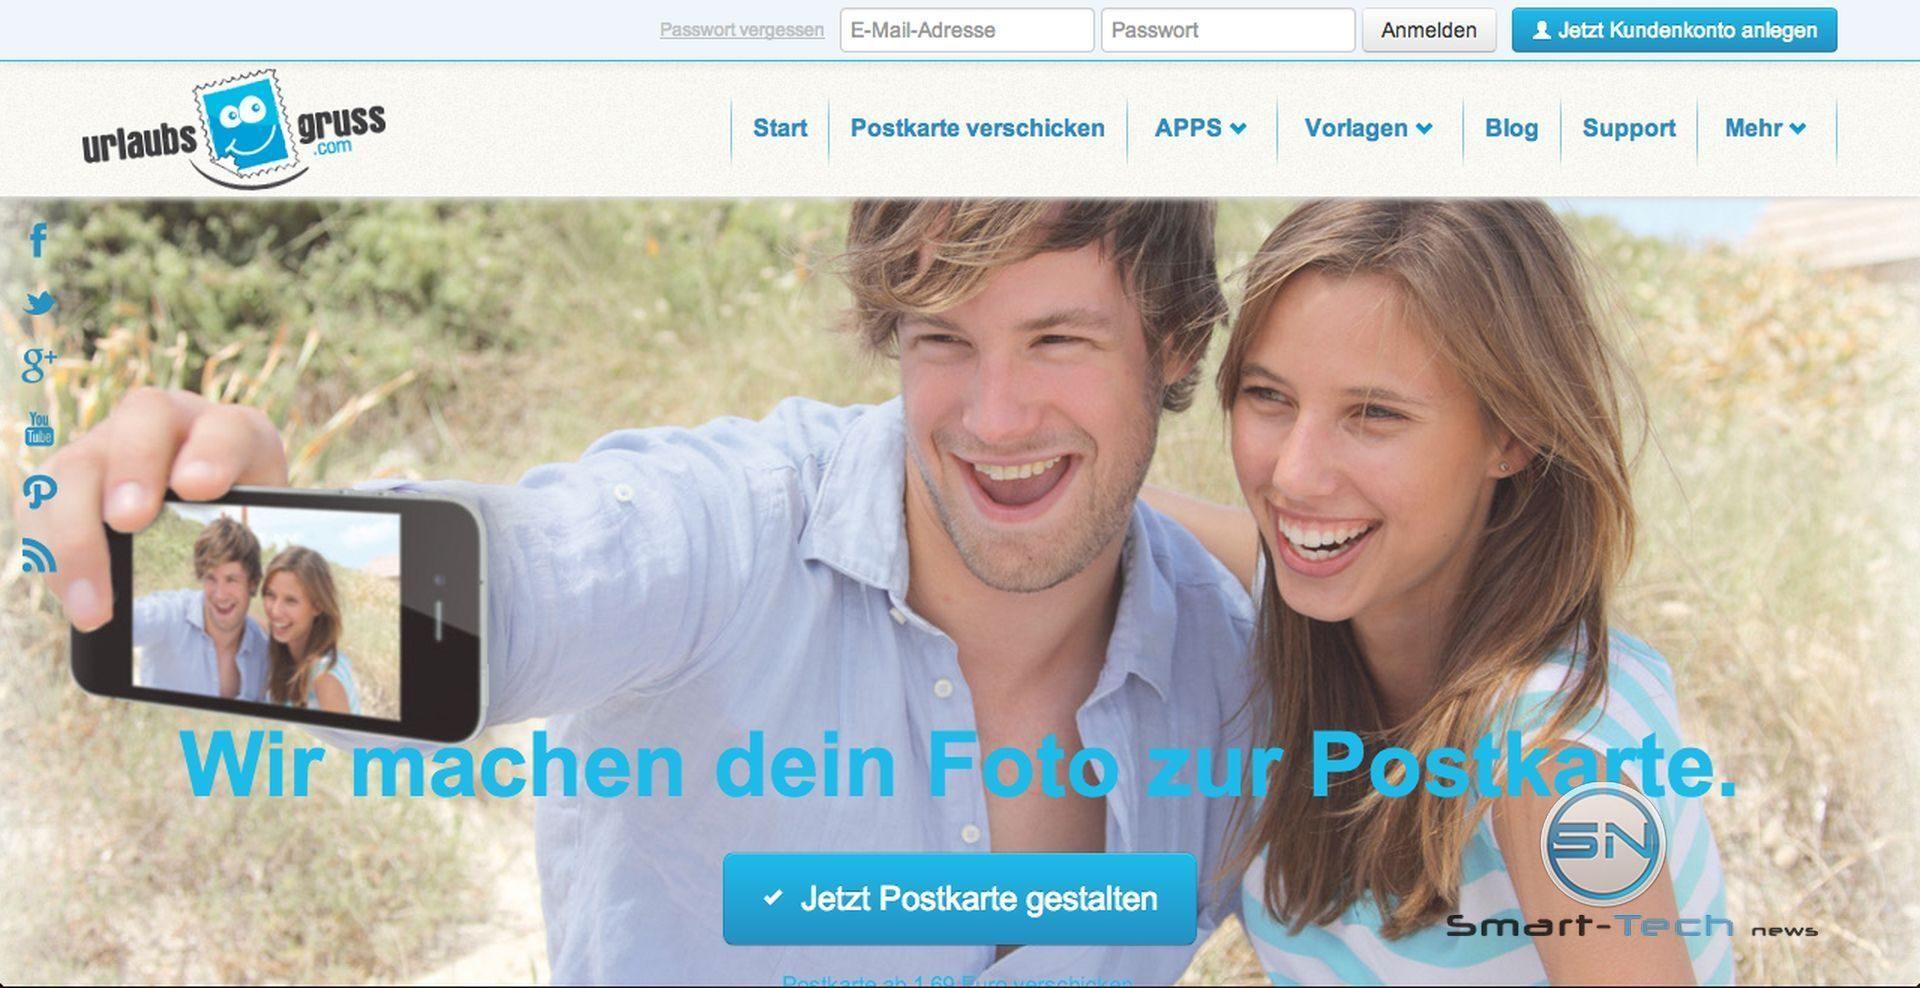 grusskarten-webpage-smarttechnews